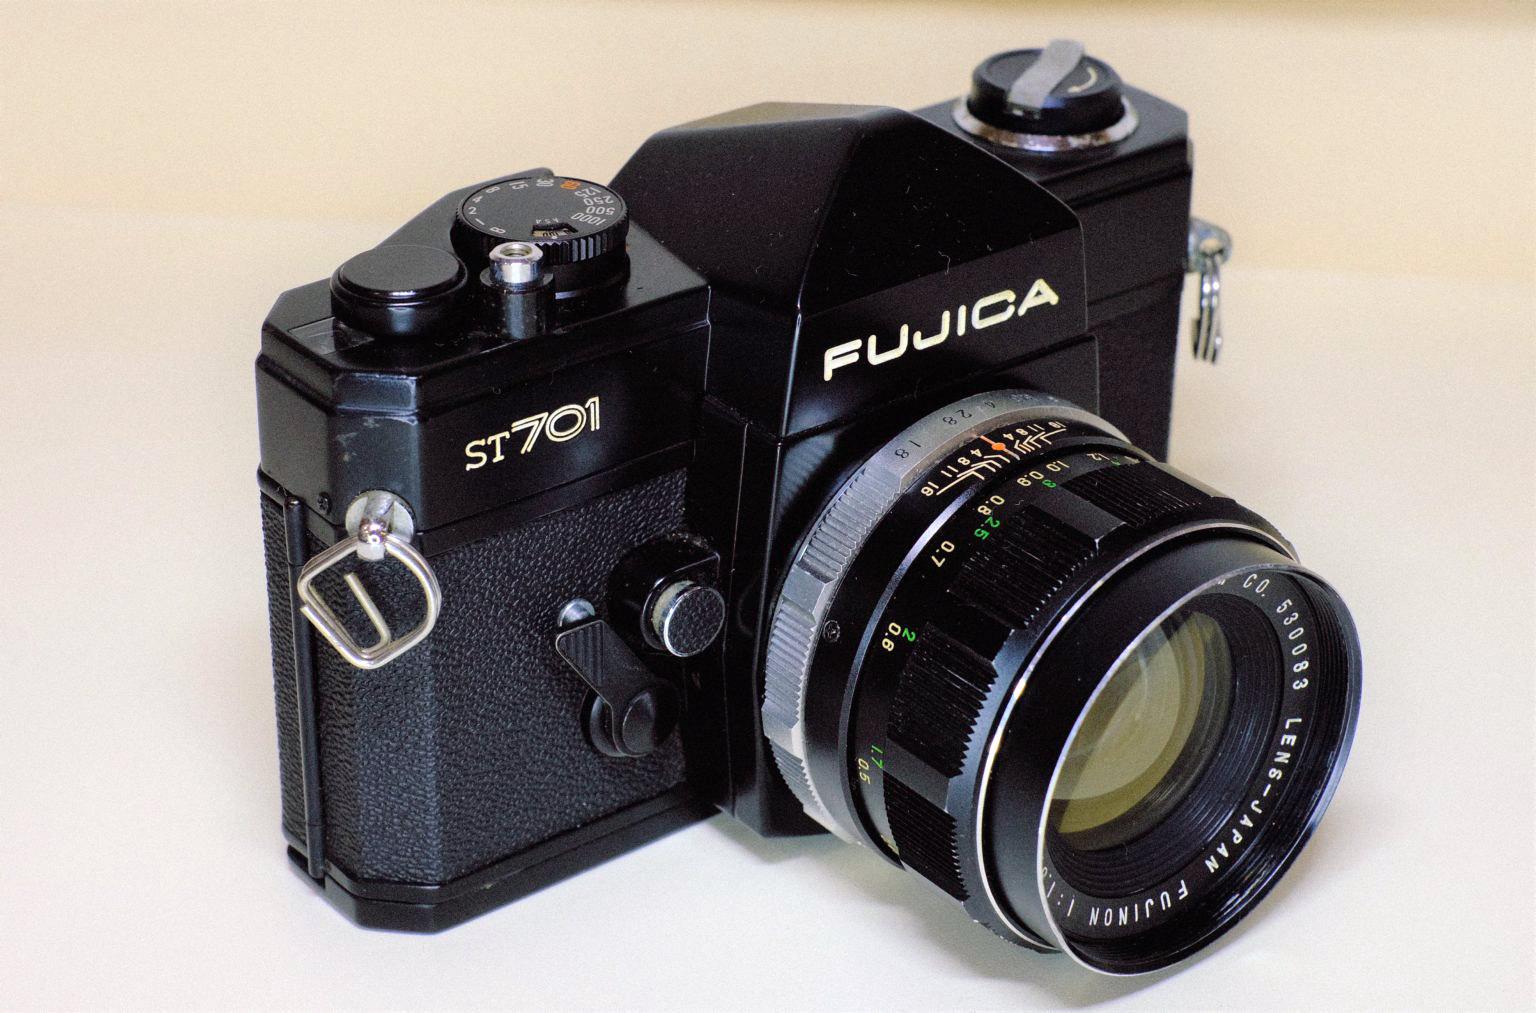 FUJICA ST701/FUJINON 55mm f1.8